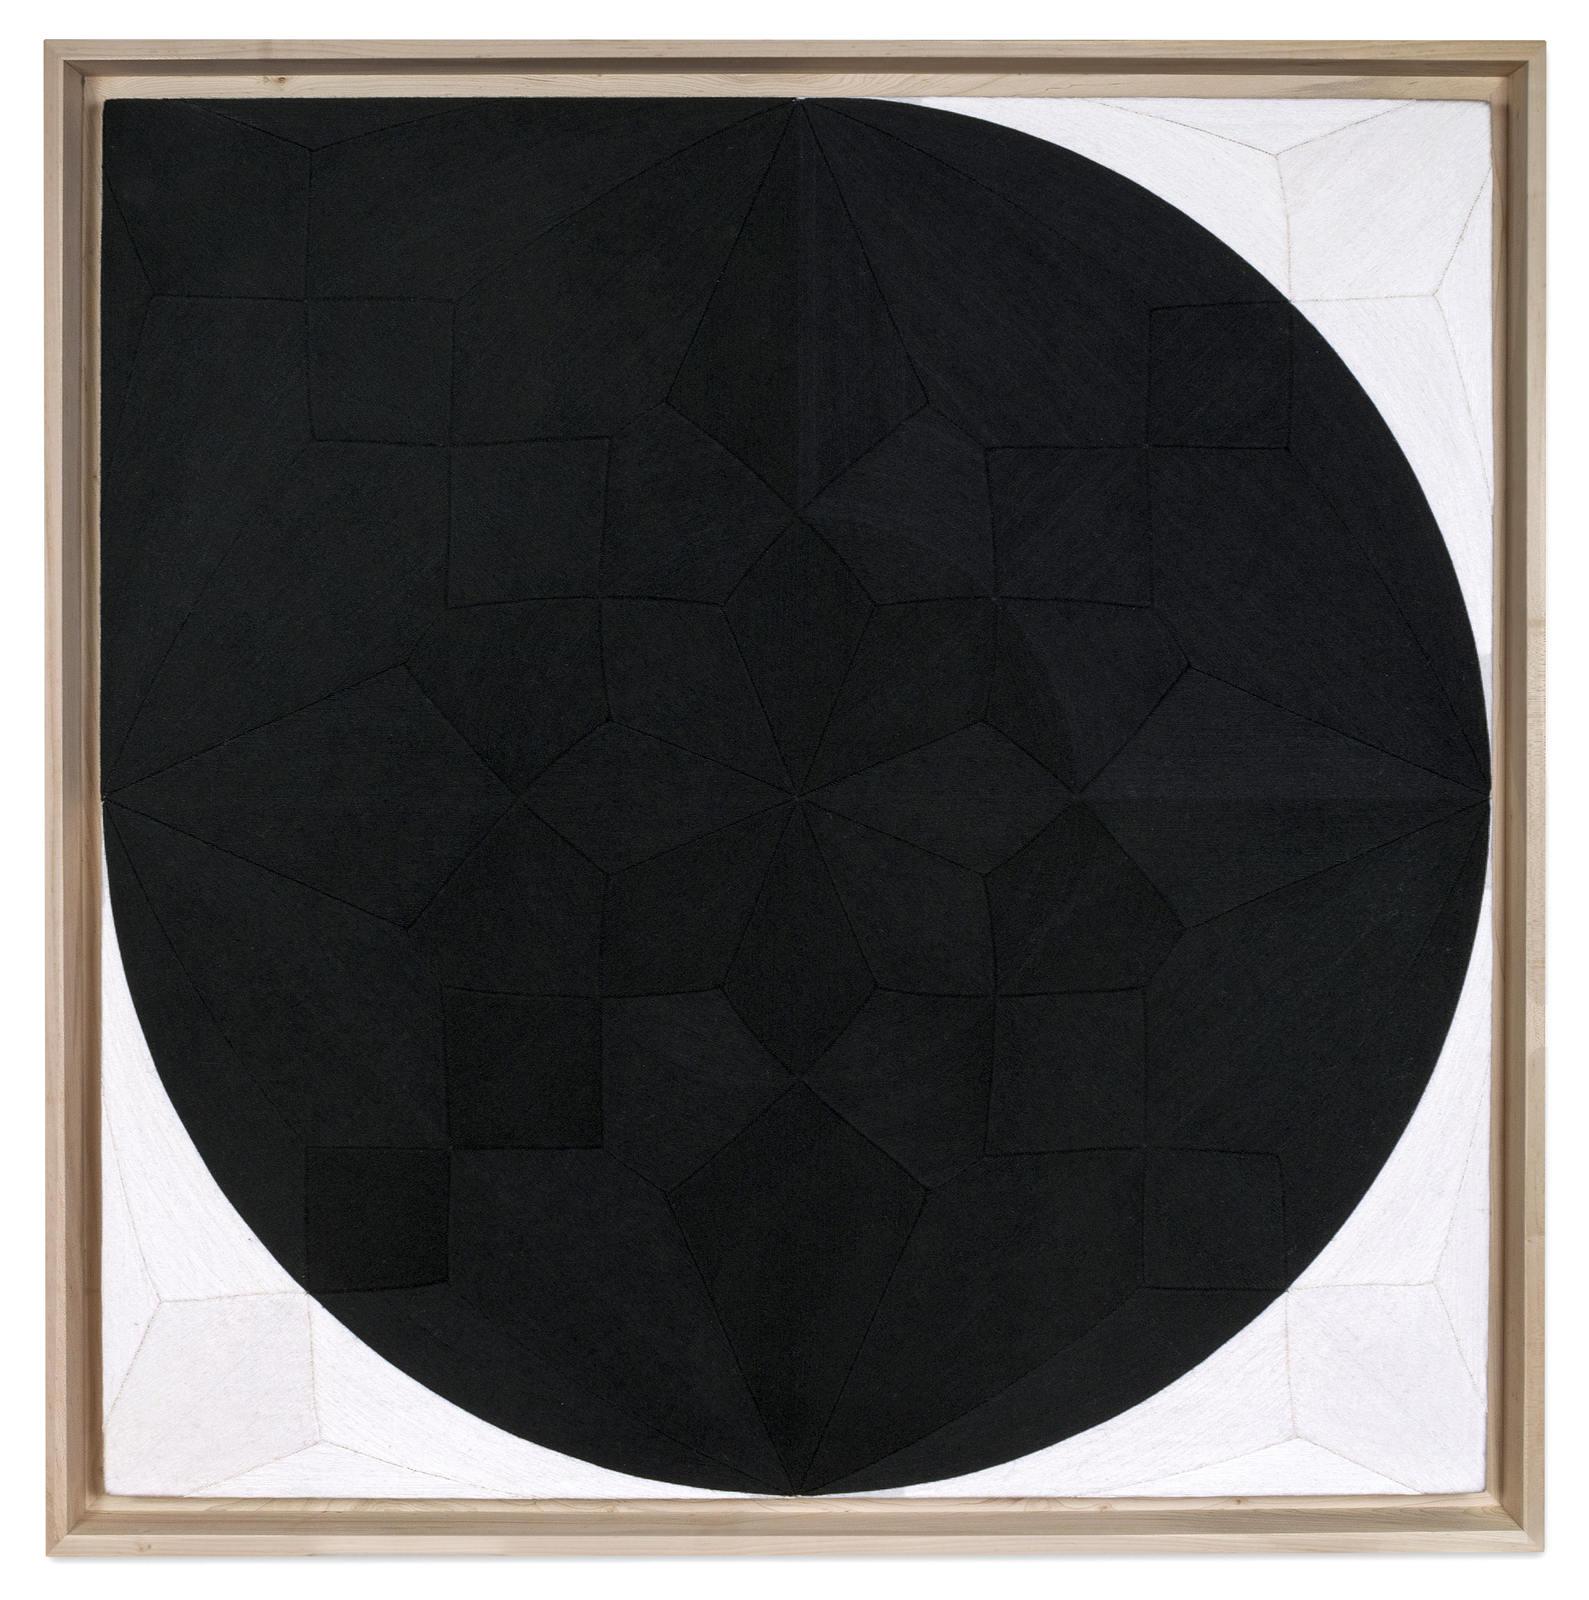 Cosmos 1.1.239